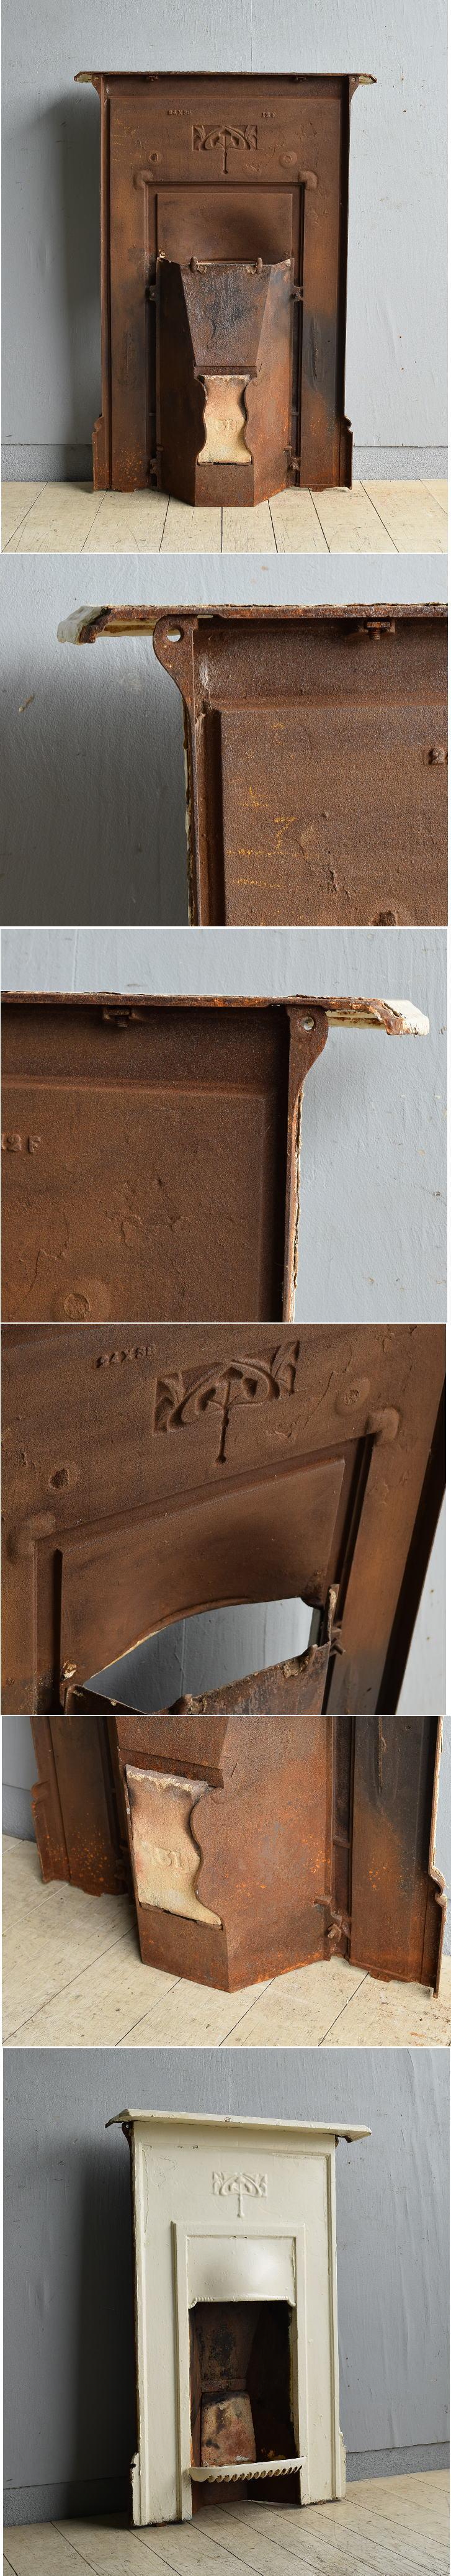 イギリス アンティーク ファイヤープレイス 暖炉 ディスプレイ 8172